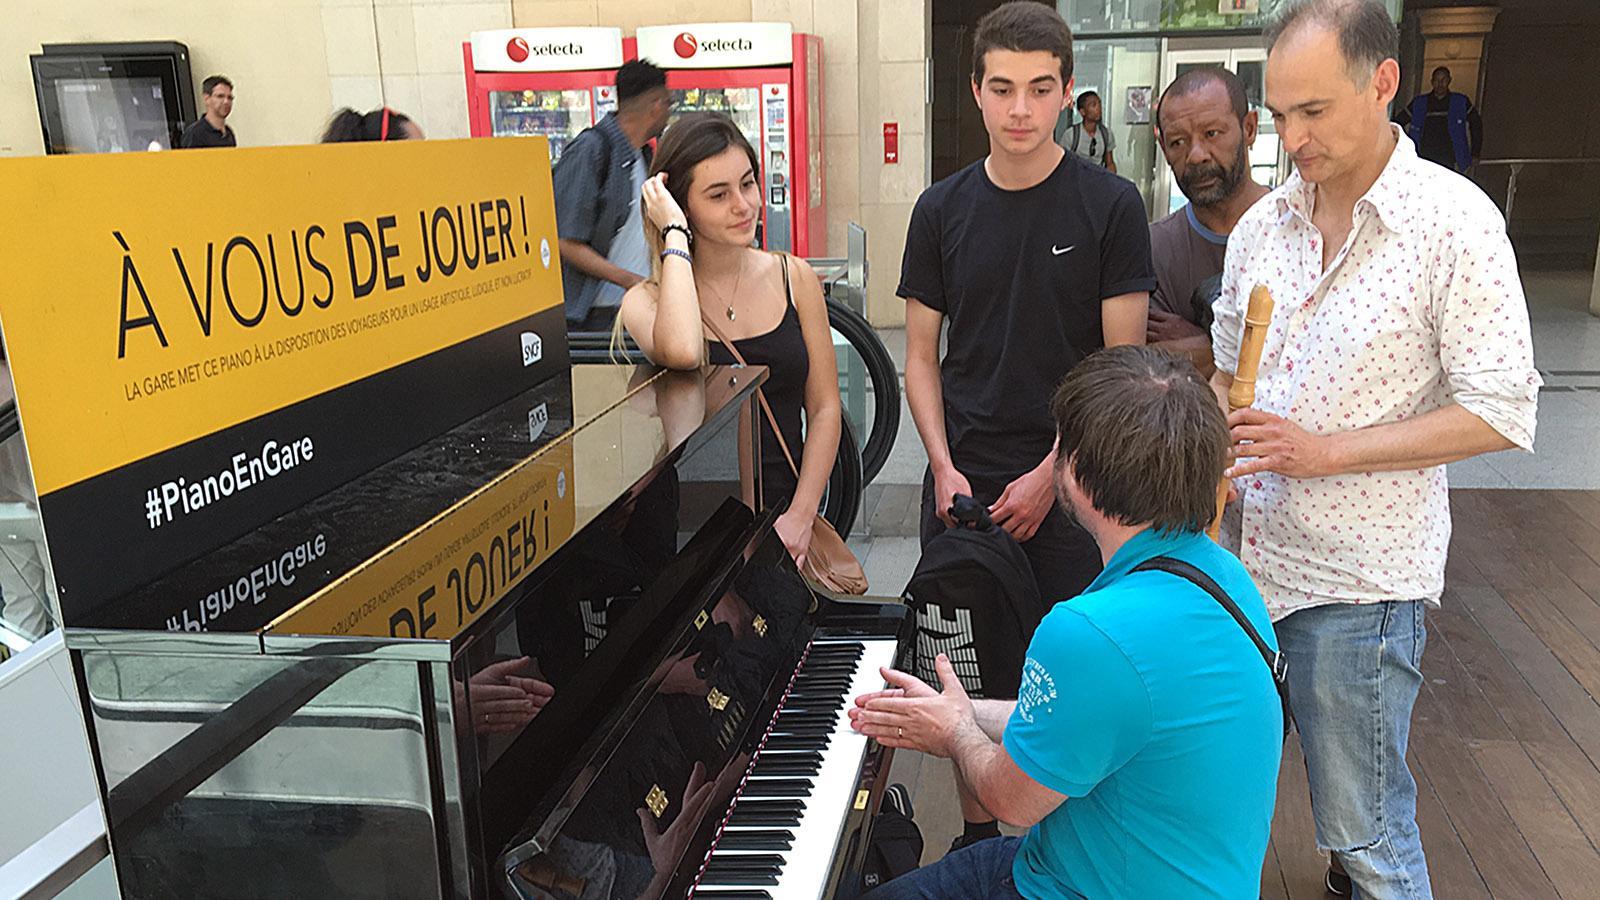 Musik im Bahnhof: in Paris wie in Marseille. Reisende und Besucher sind eingeladen, selbst einmal zu musizieren. Foto: Hilke Maunder